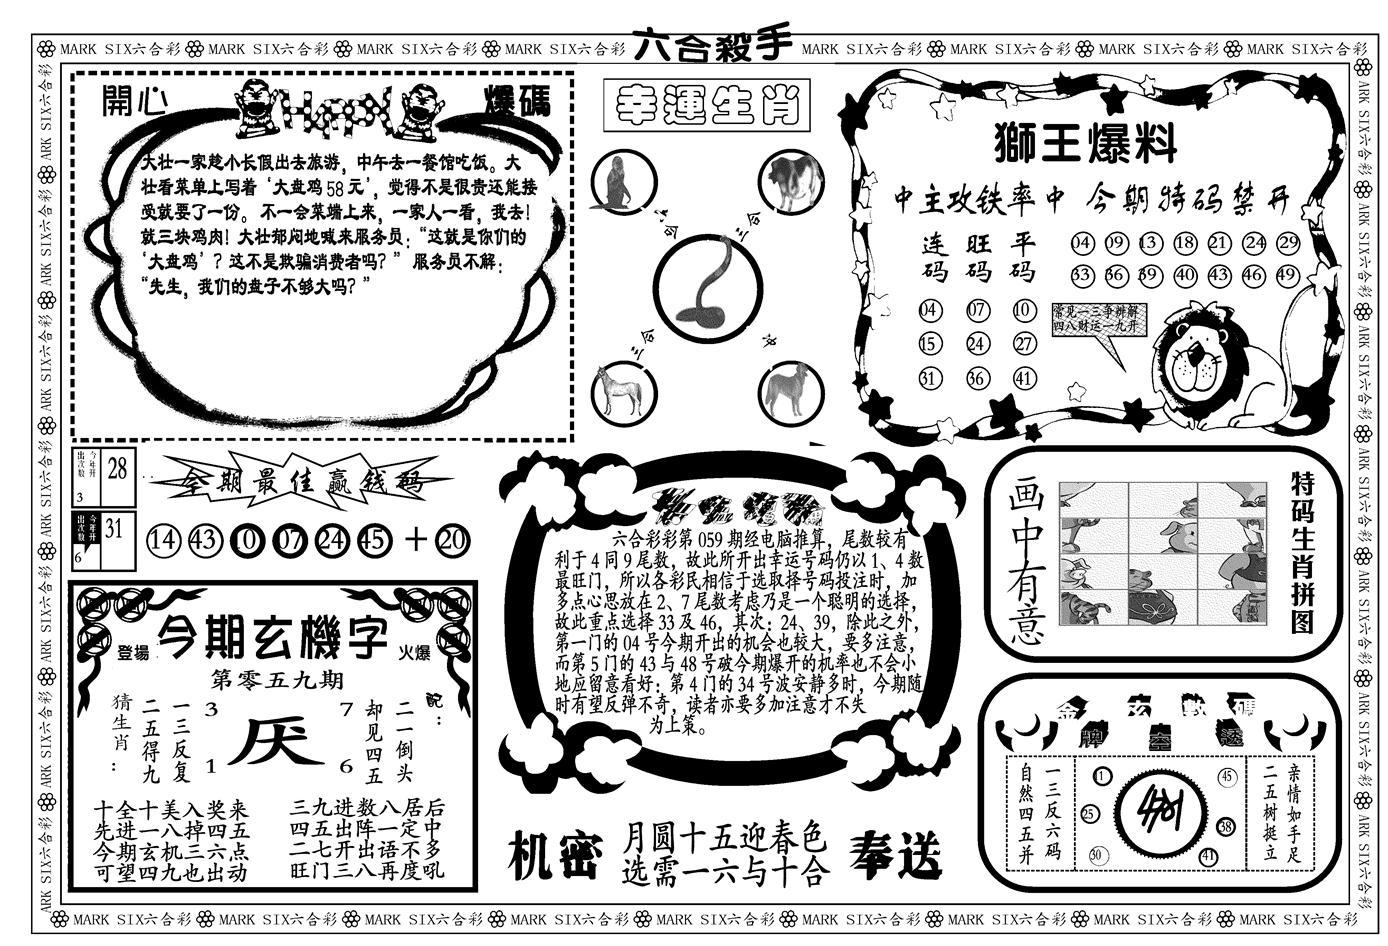 059期新六合杀手B(黑白)